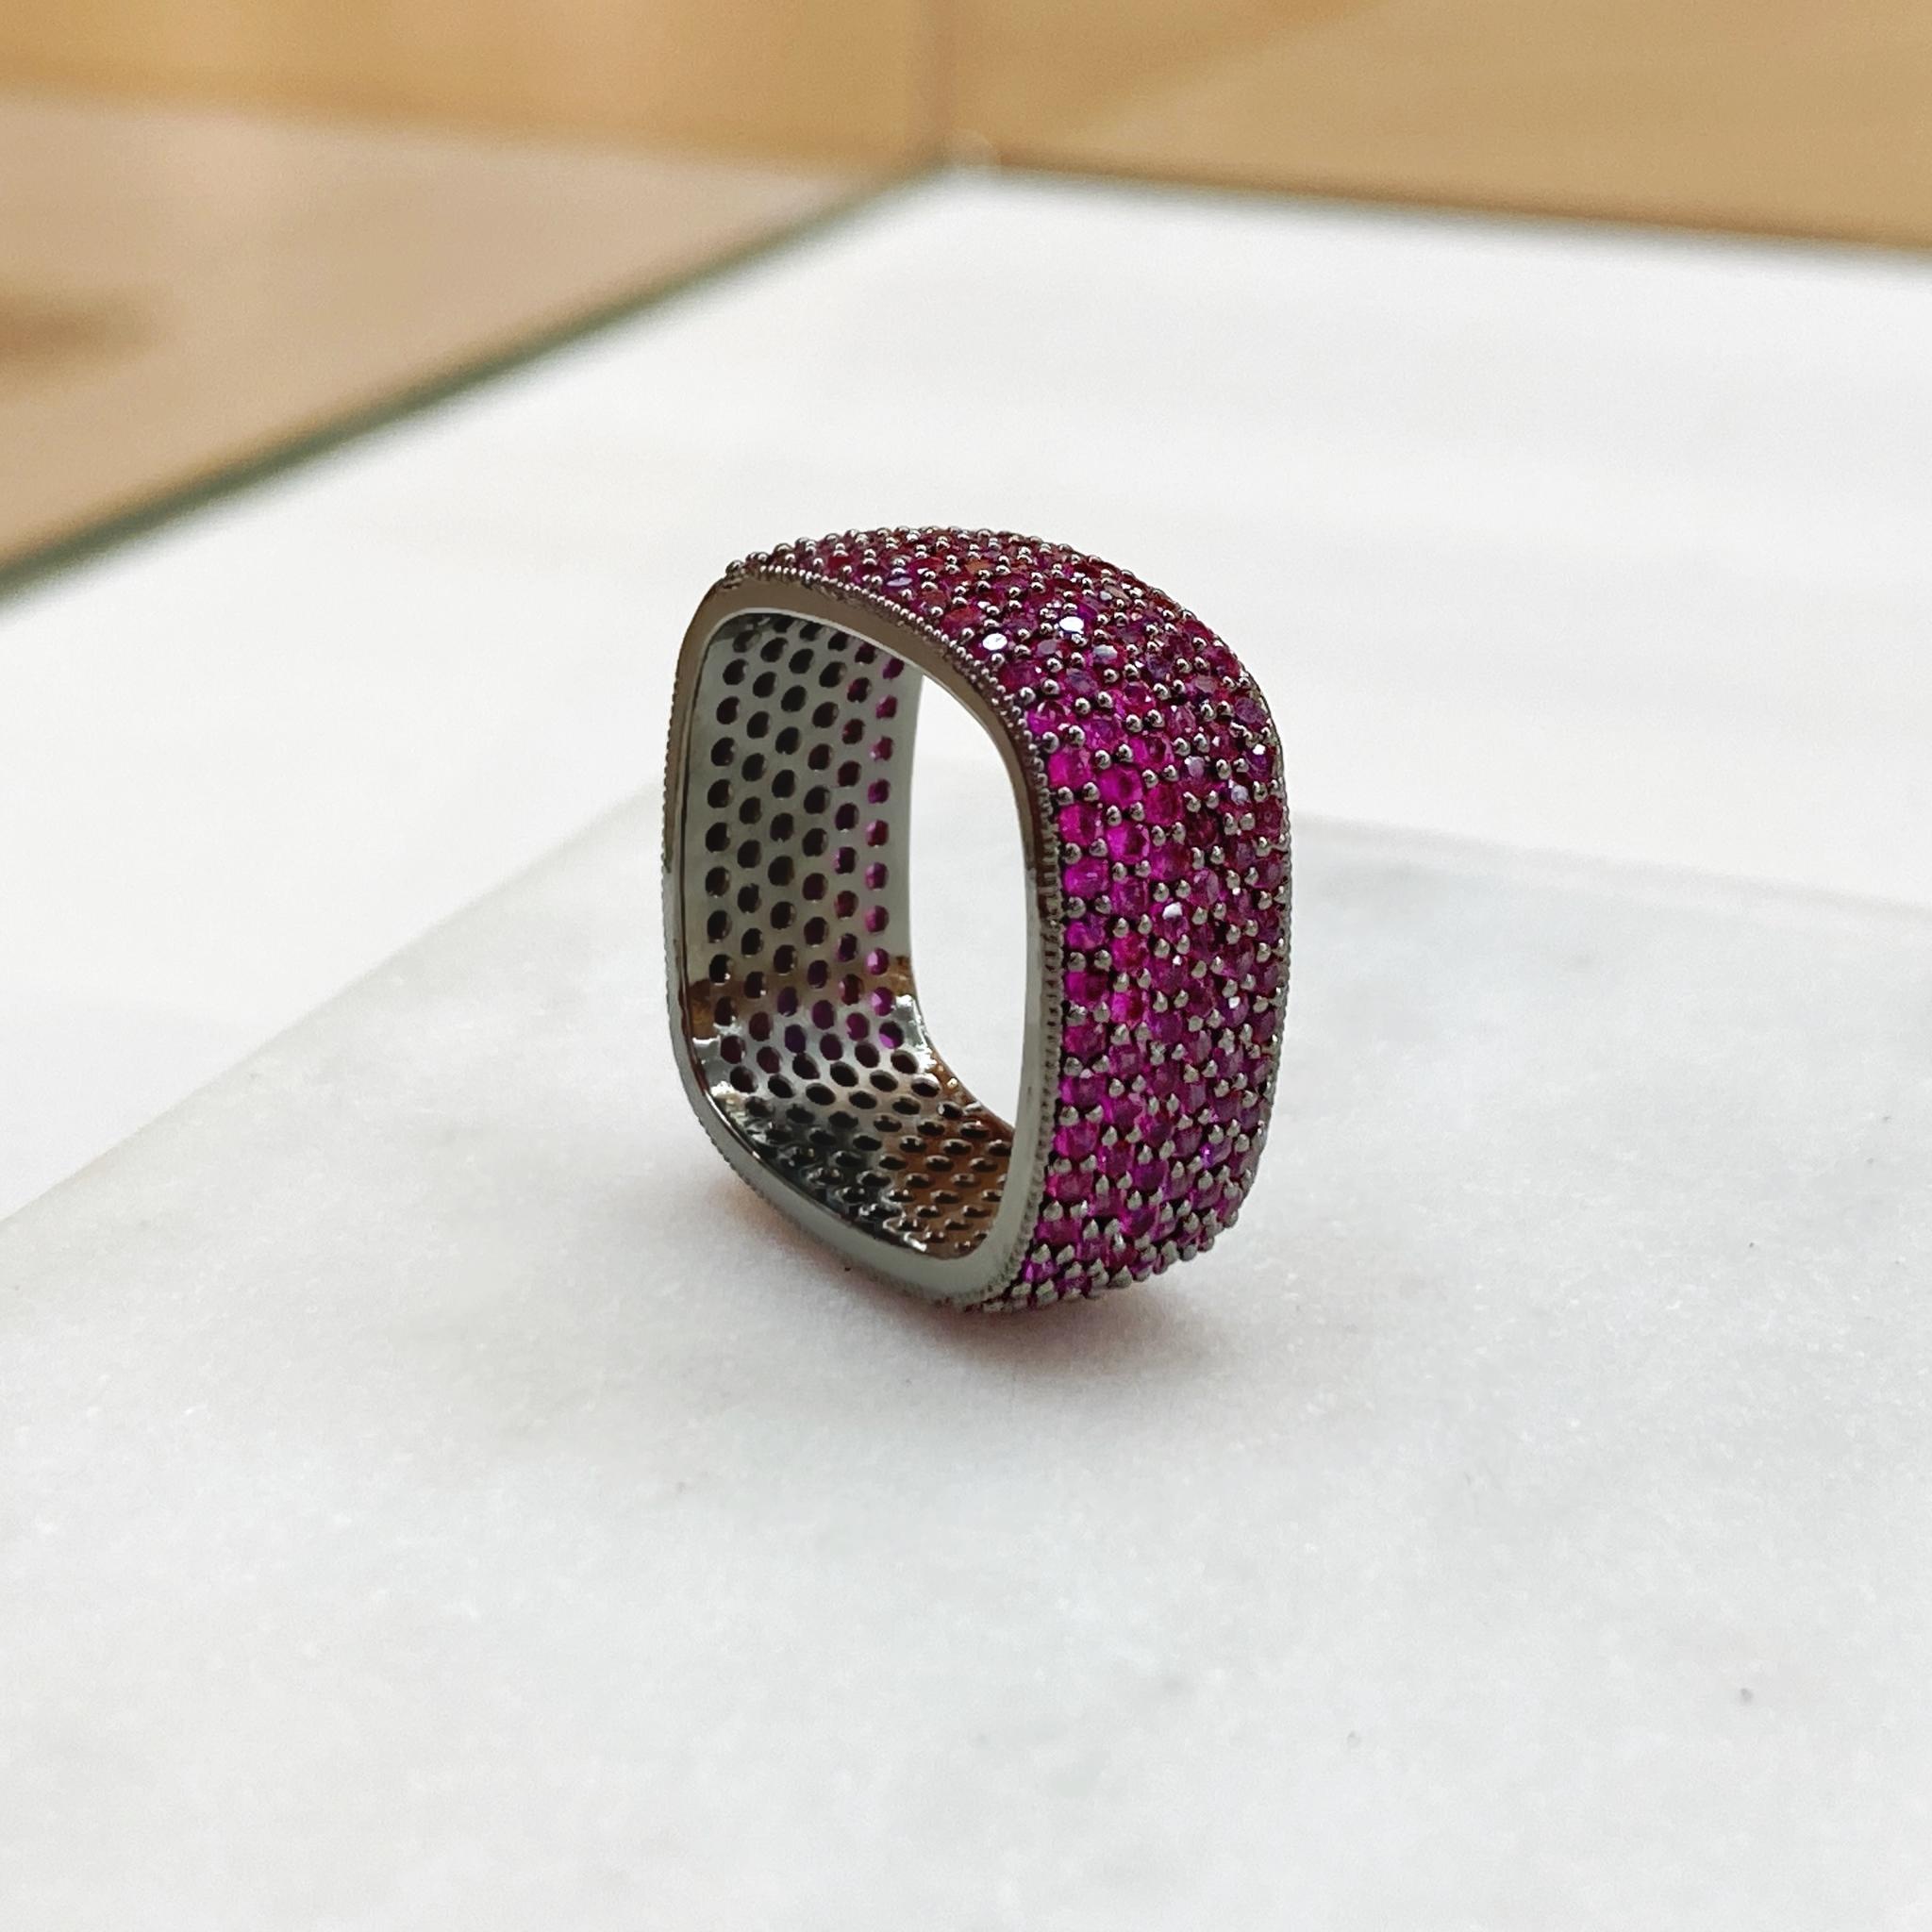 Кольцо Zircon квадратное с пале рубиновый (юв.сплав)